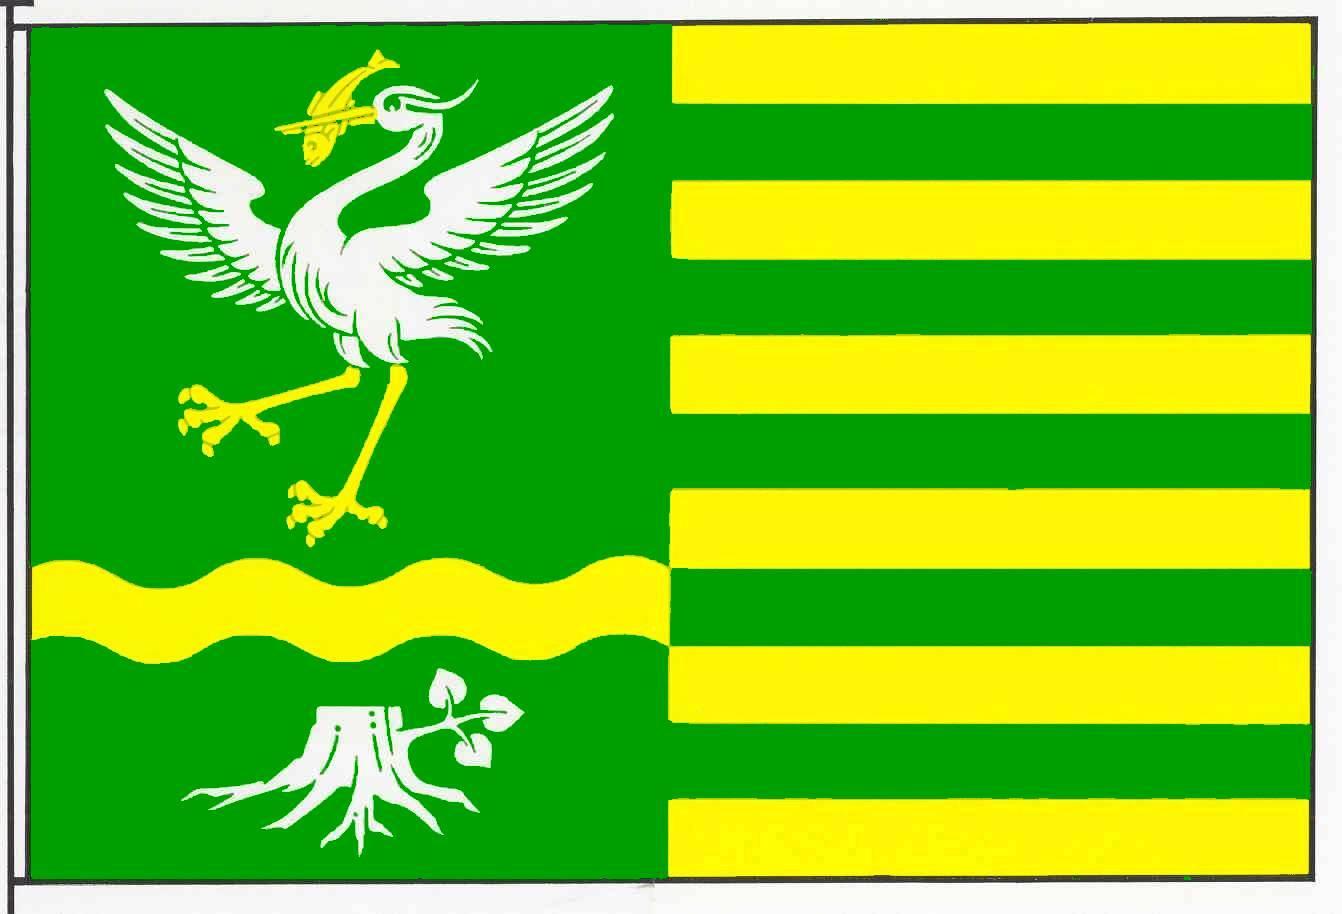 Flagge GemeindeWesterrade, Kreis Segeberg